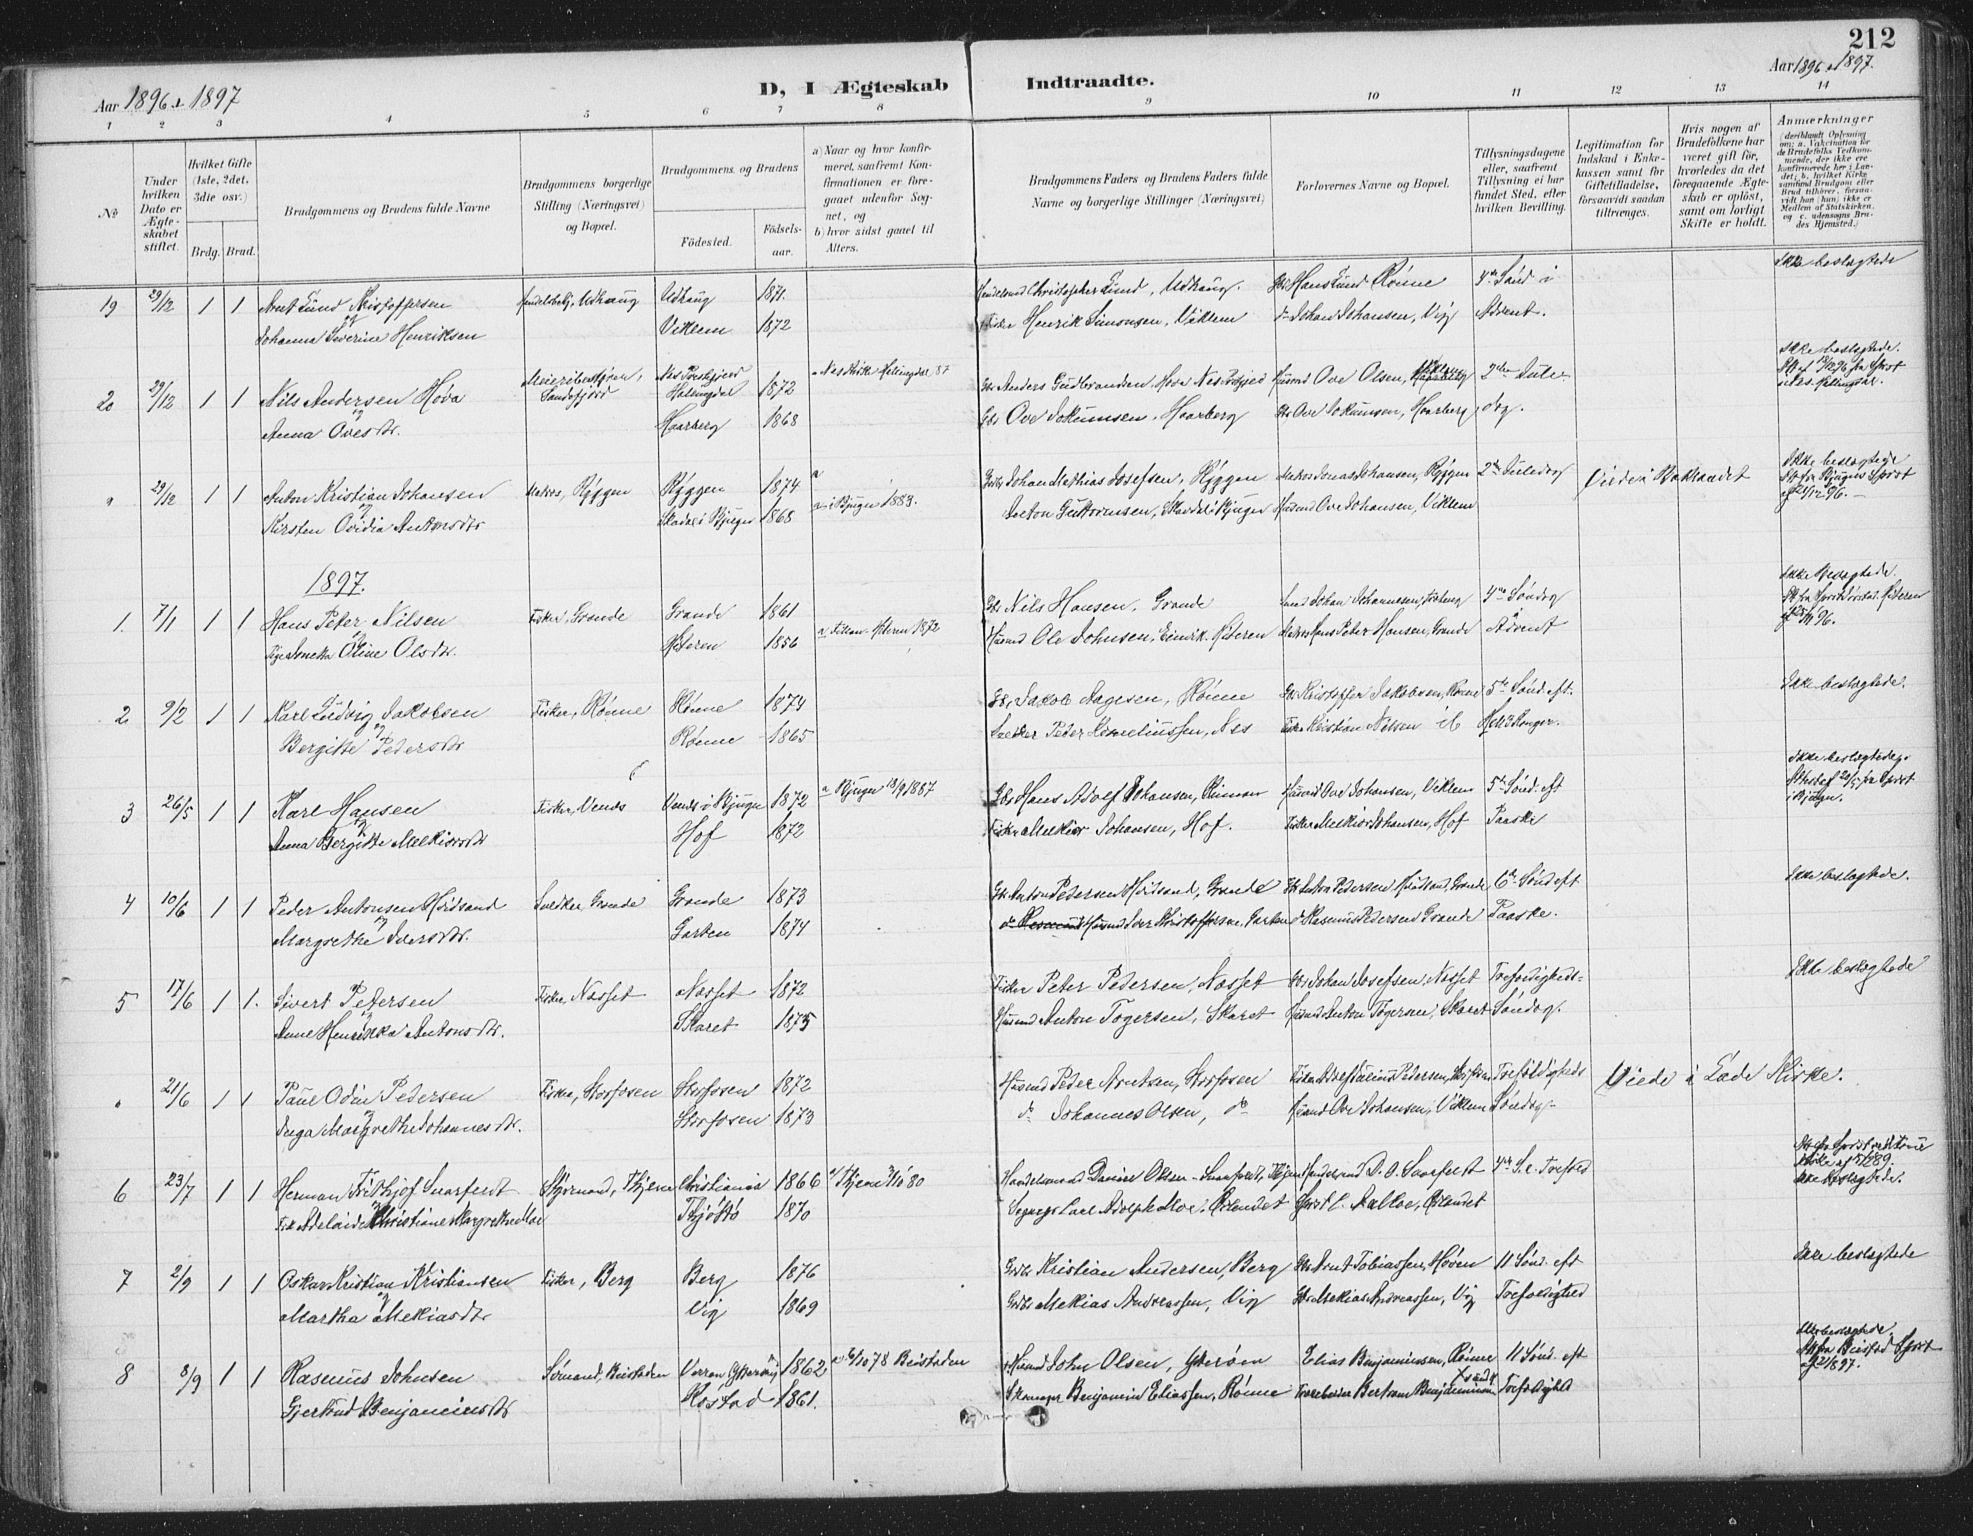 SAT, Ministerialprotokoller, klokkerbøker og fødselsregistre - Sør-Trøndelag, 659/L0743: Ministerialbok nr. 659A13, 1893-1910, s. 212